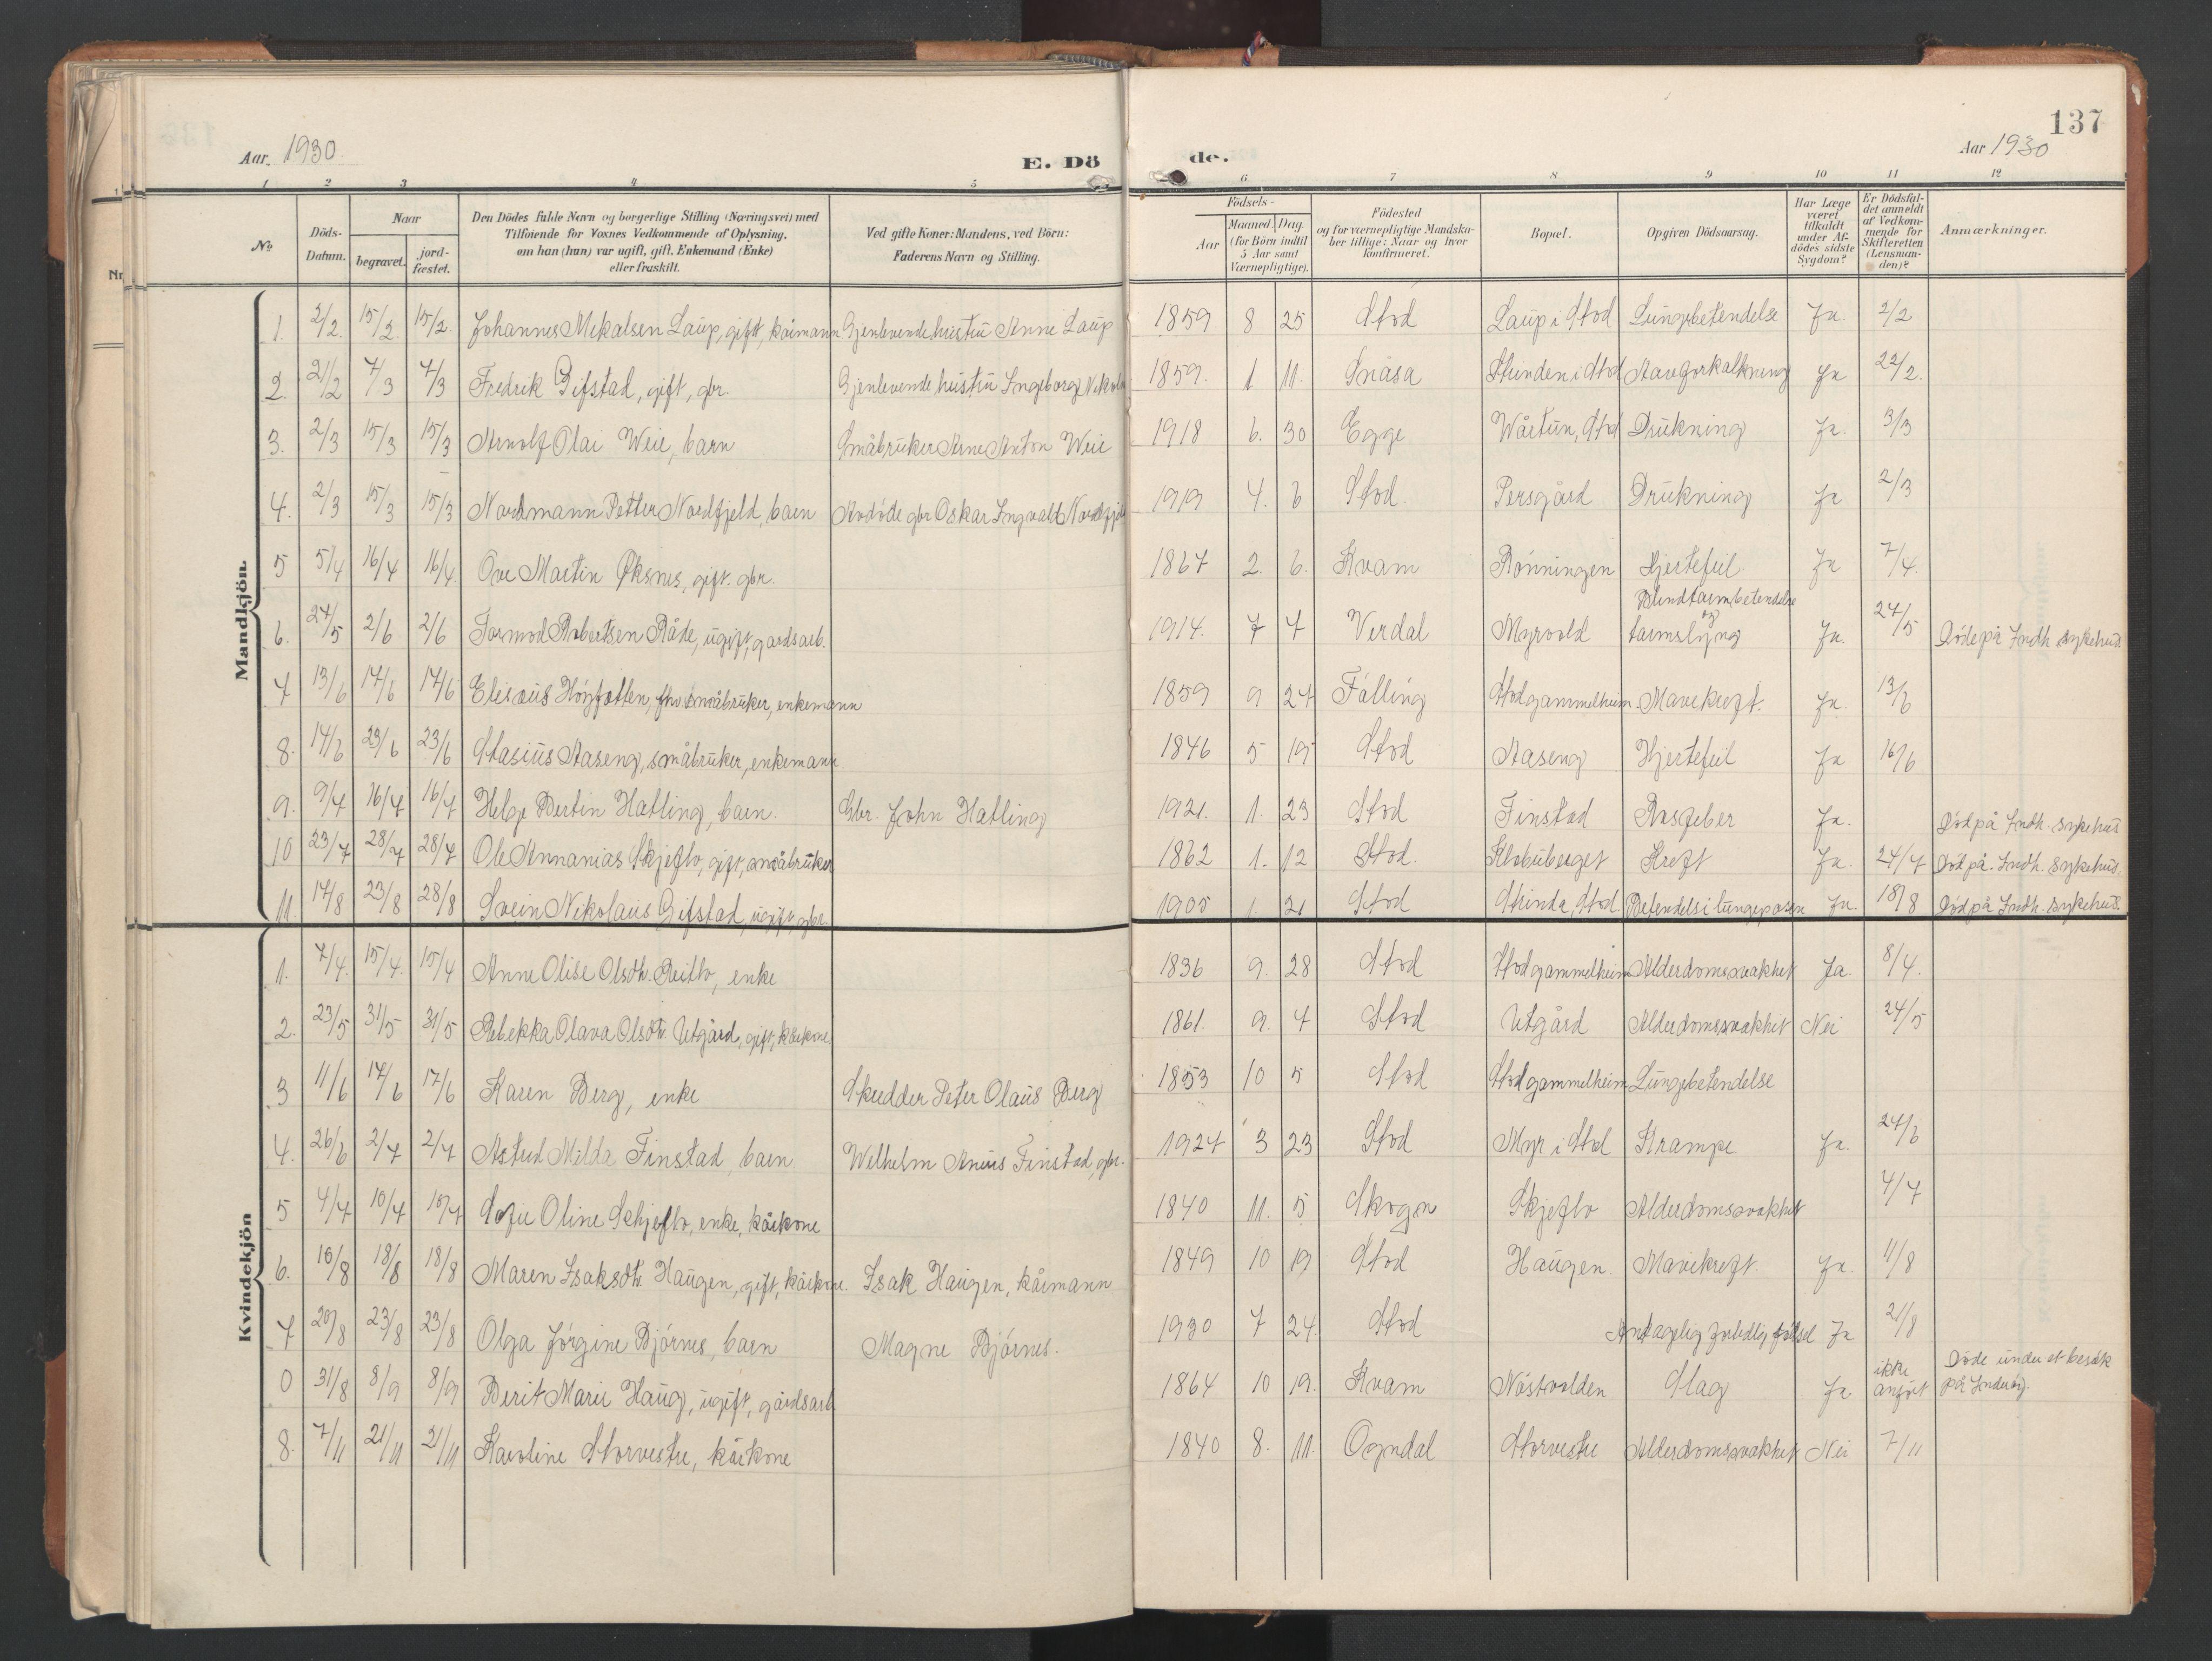 SAT, Ministerialprotokoller, klokkerbøker og fødselsregistre - Nord-Trøndelag, 746/L0455: Klokkerbok nr. 746C01, 1908-1933, s. 137